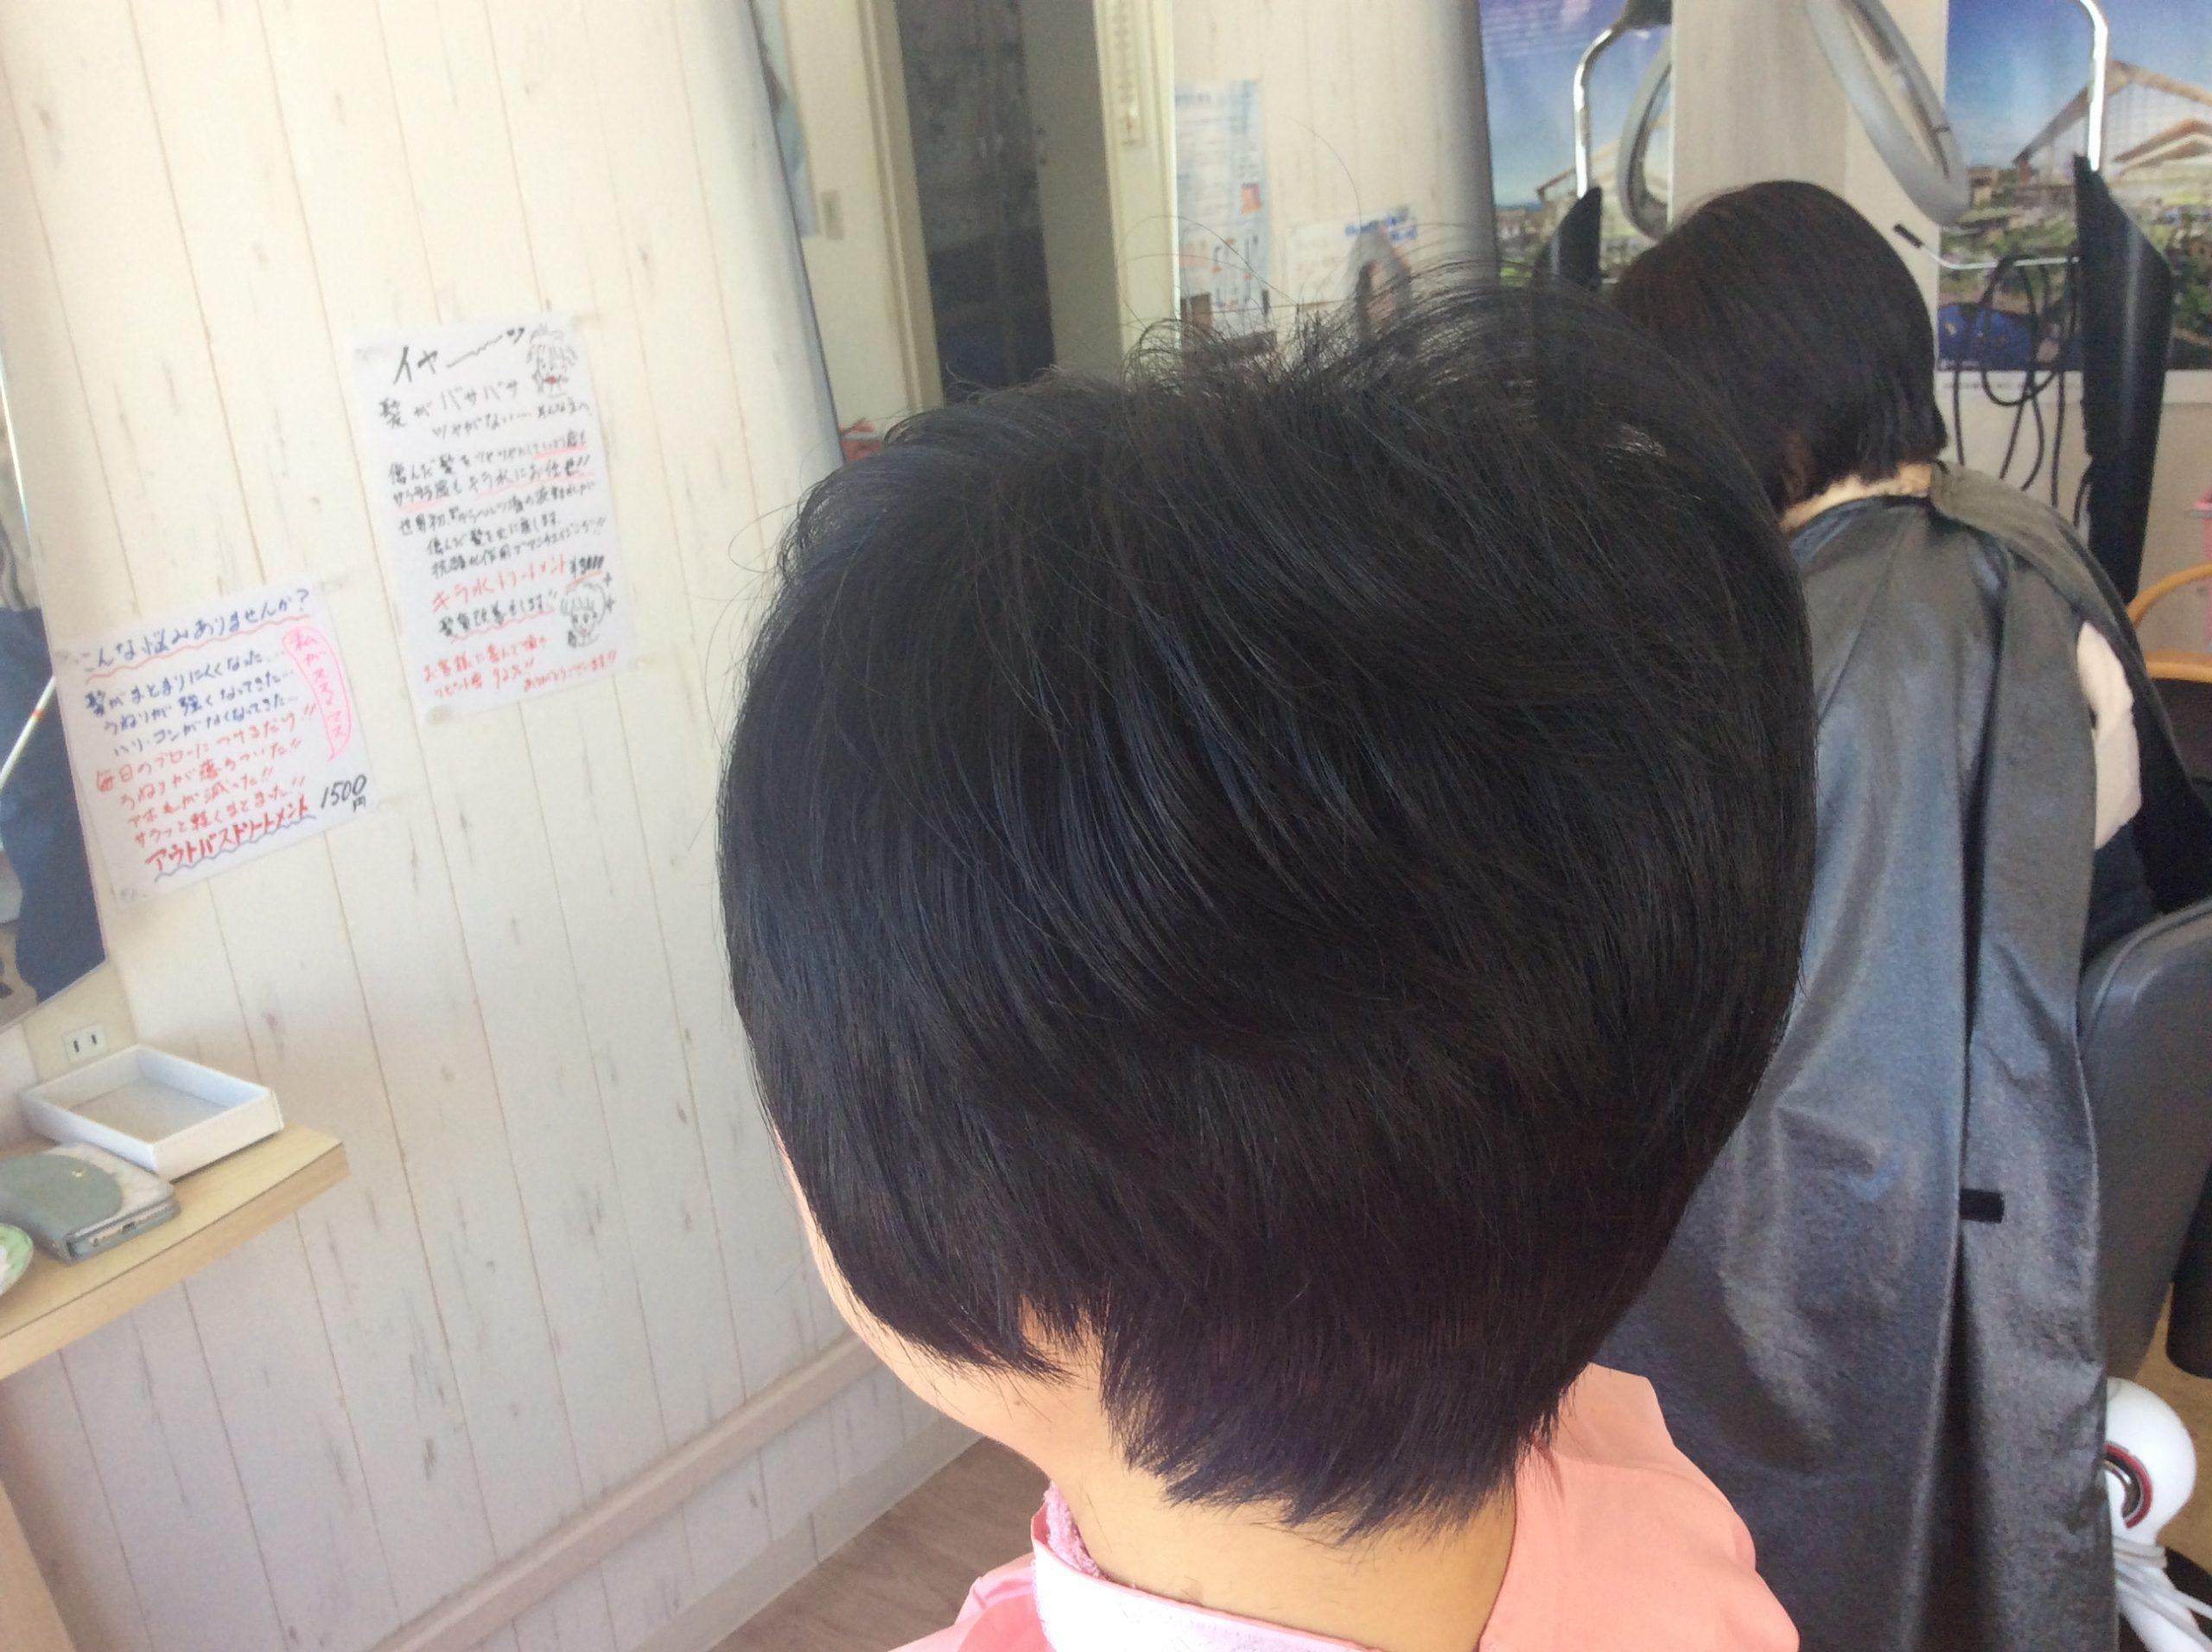 くせ毛のカット